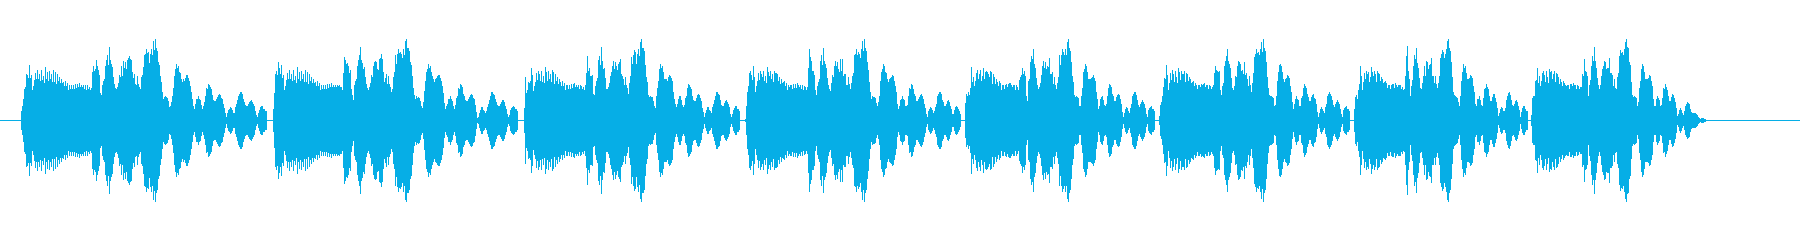 ピヨピヨピヨ(転がるようなコミカルな音)の再生済みの波形